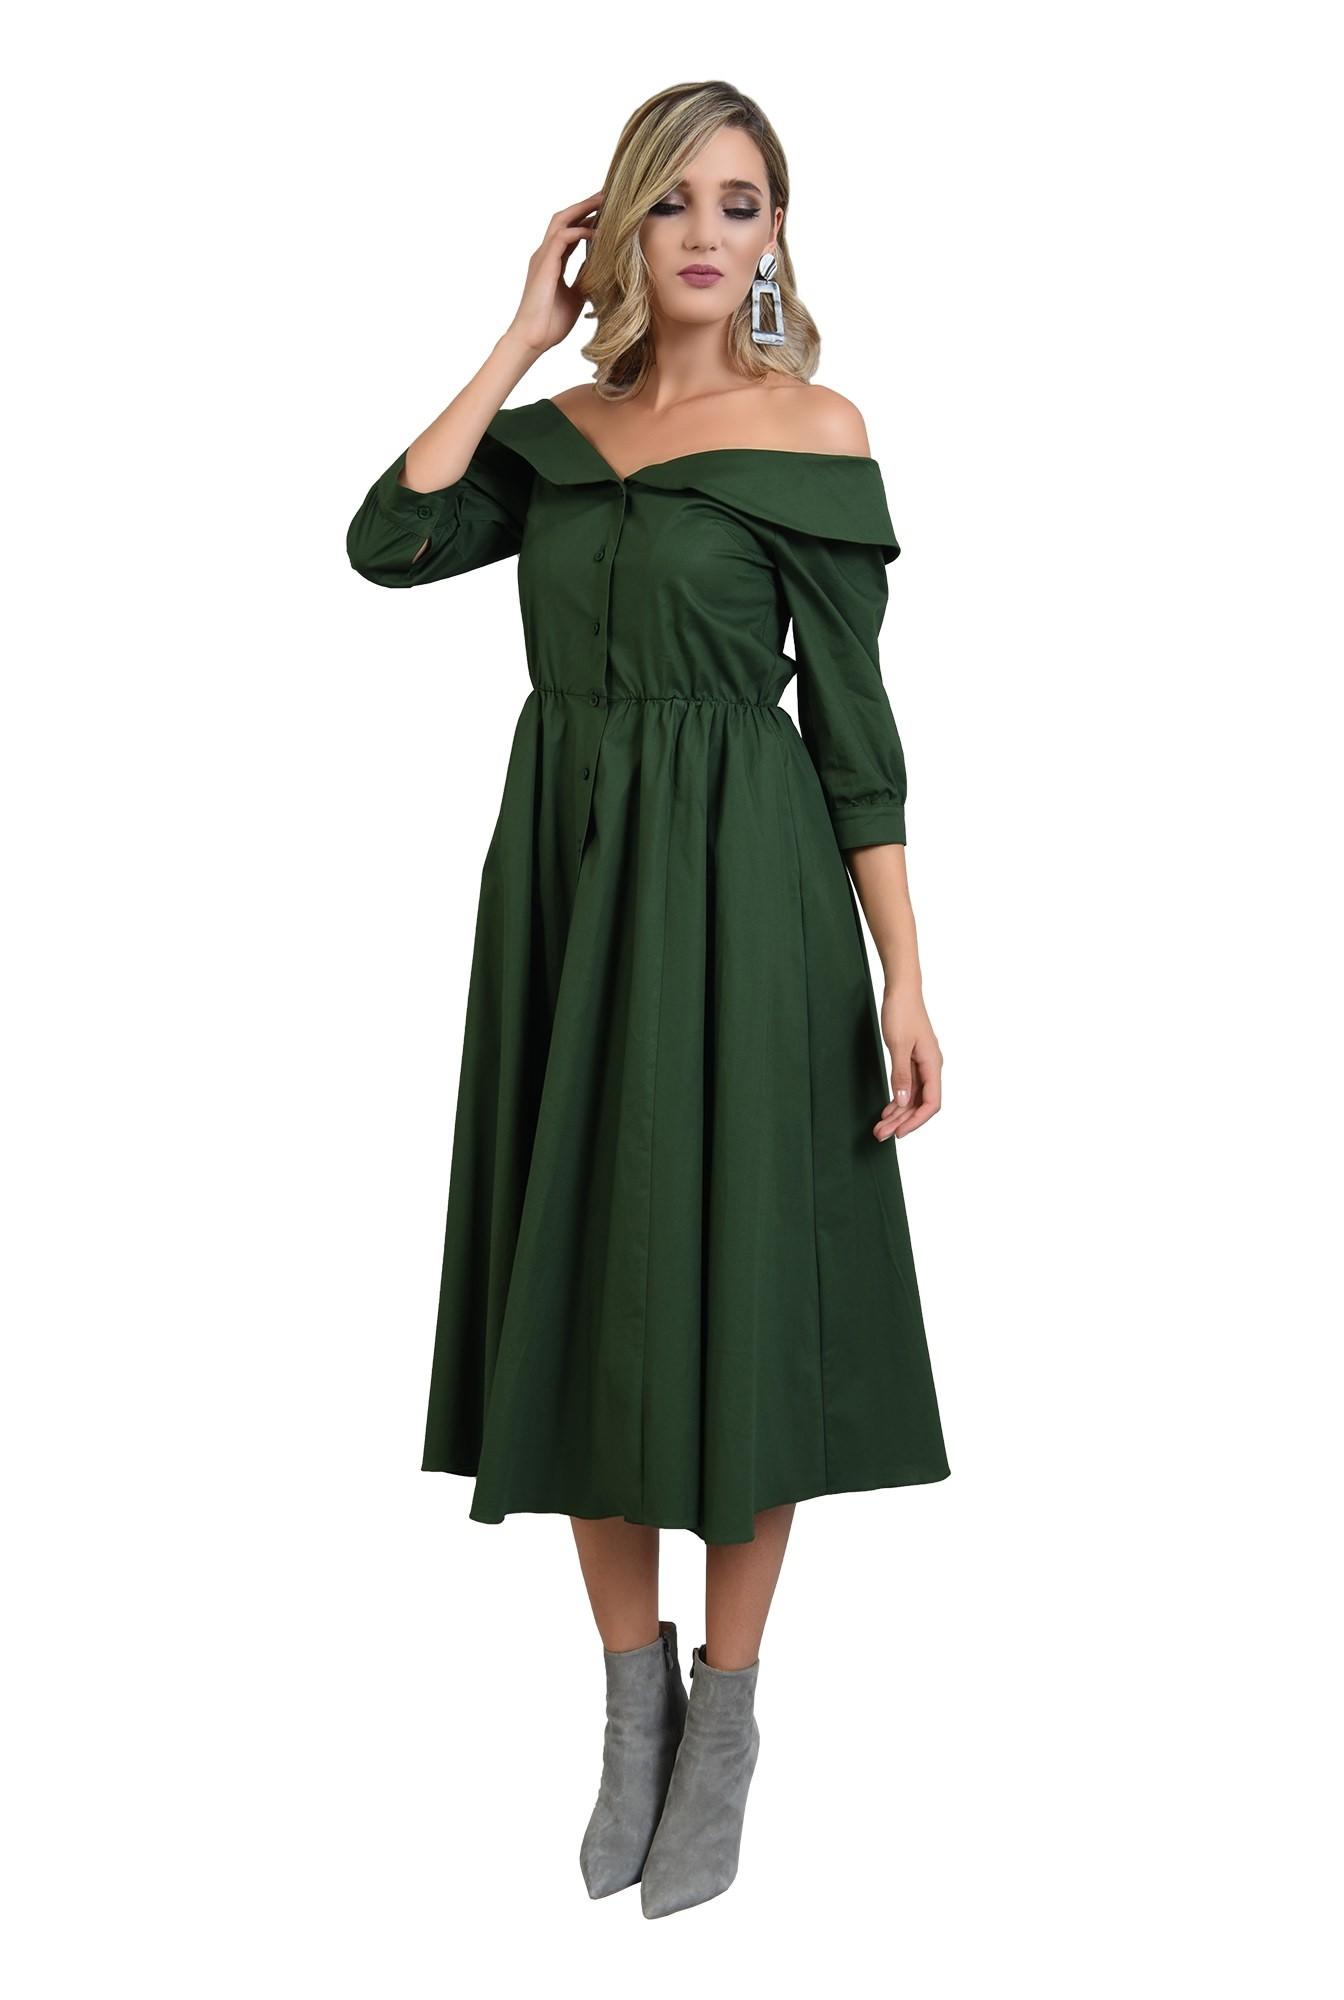 3 - 360 - rochie verde midi, evazata, Poema